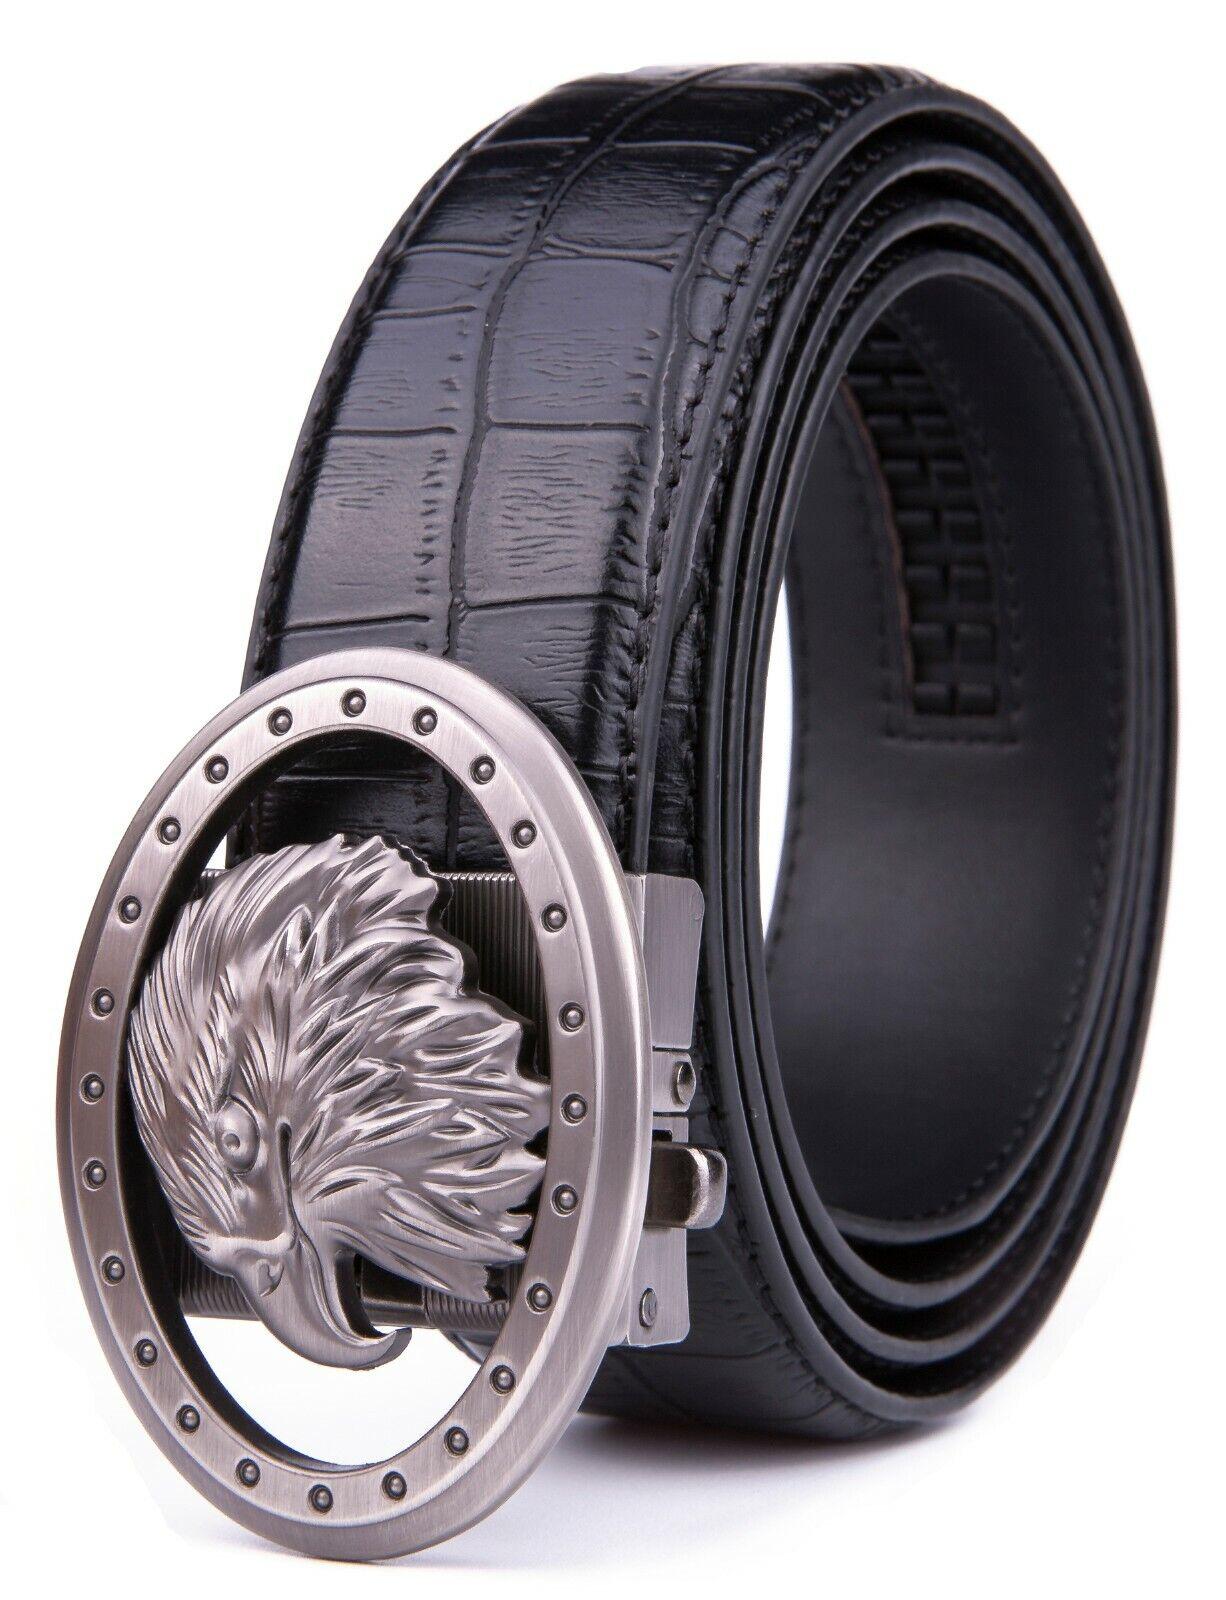 Mens Ratchet Belt Bonded Leather Belts For Men With Adjustable Buckle Belts